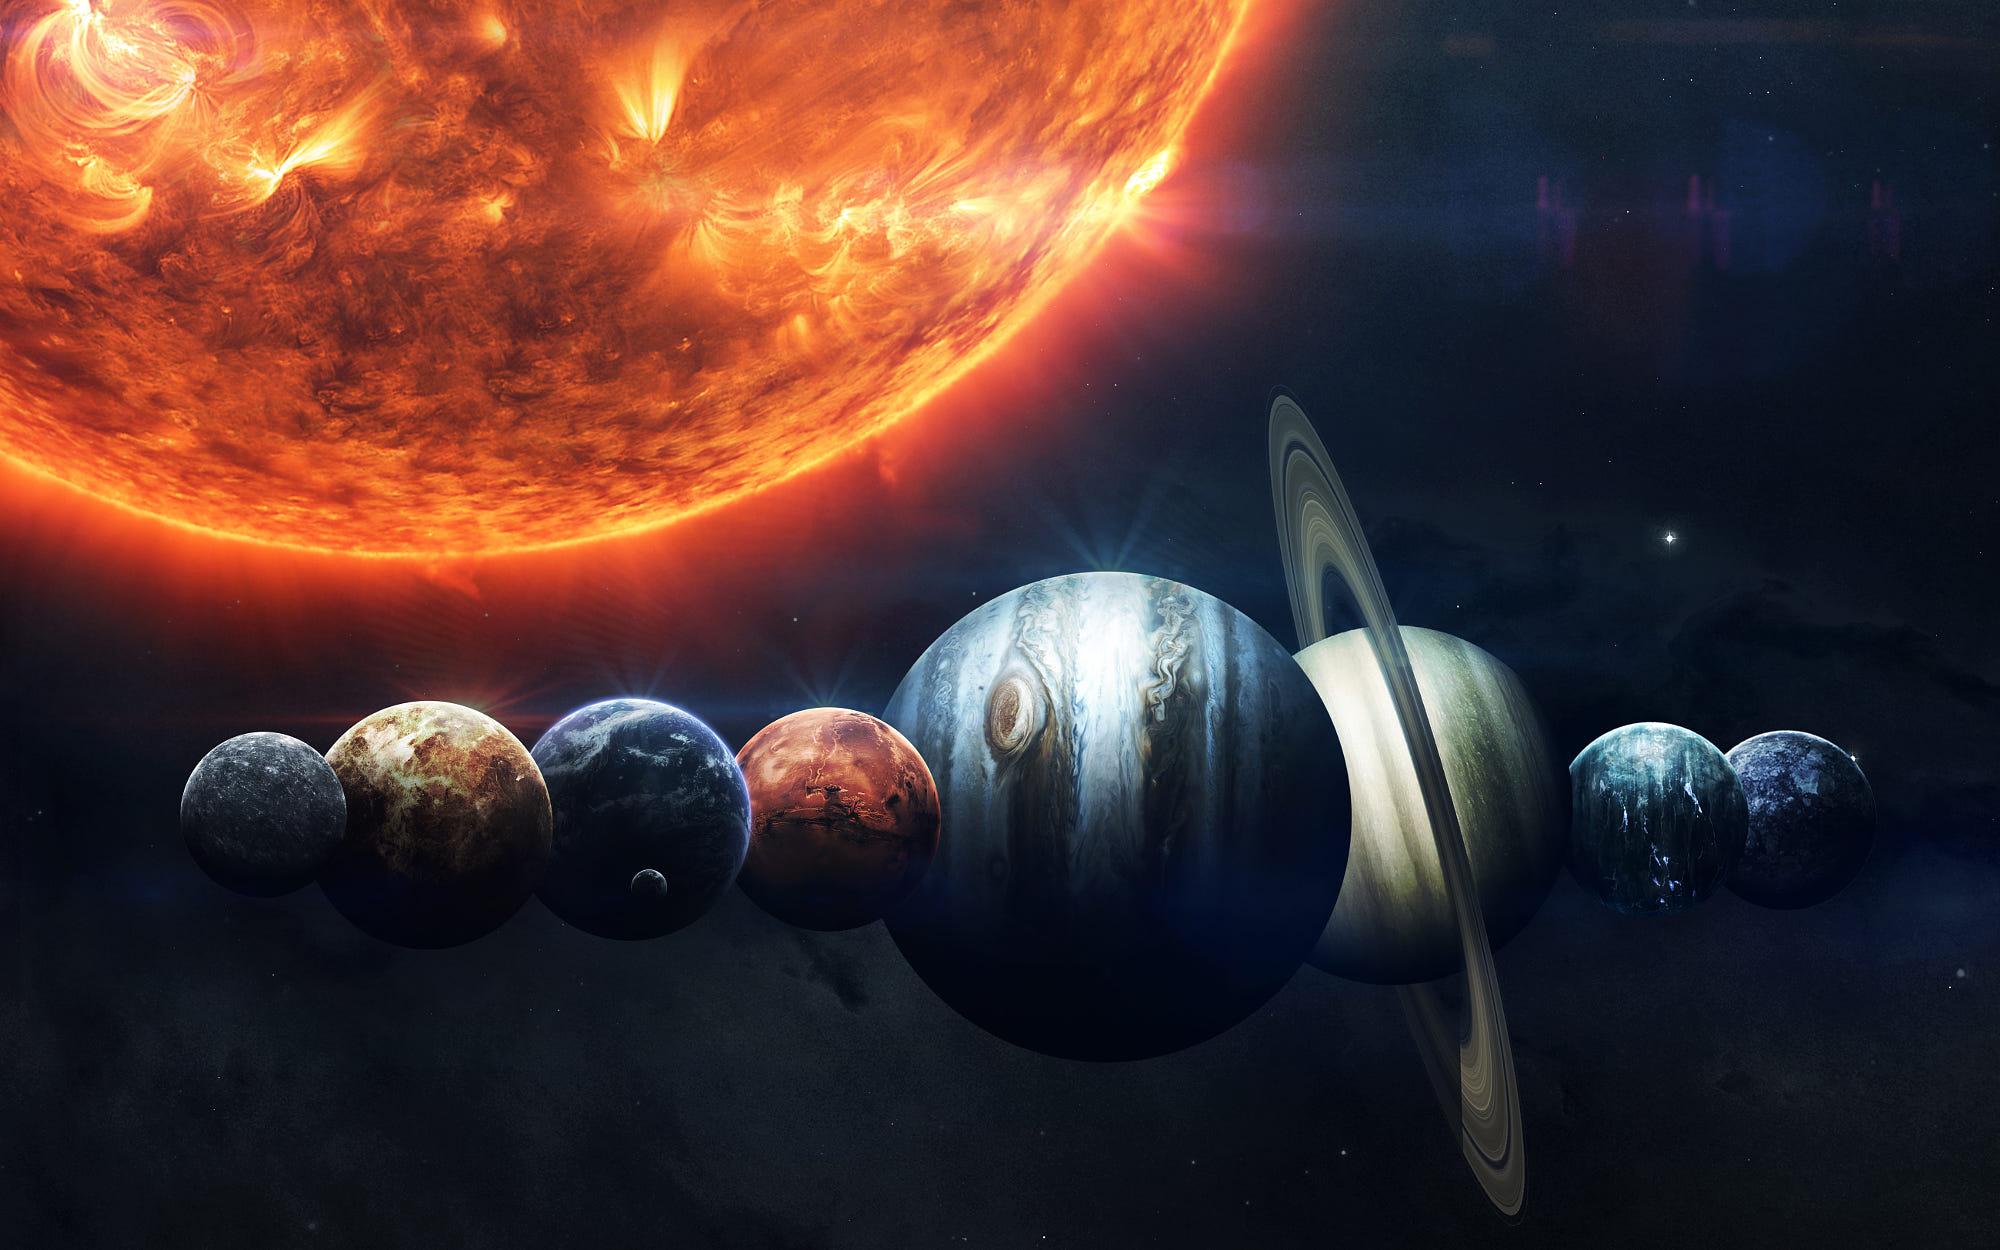 картинки на рабочий стол планеты солнечной системы выслушав